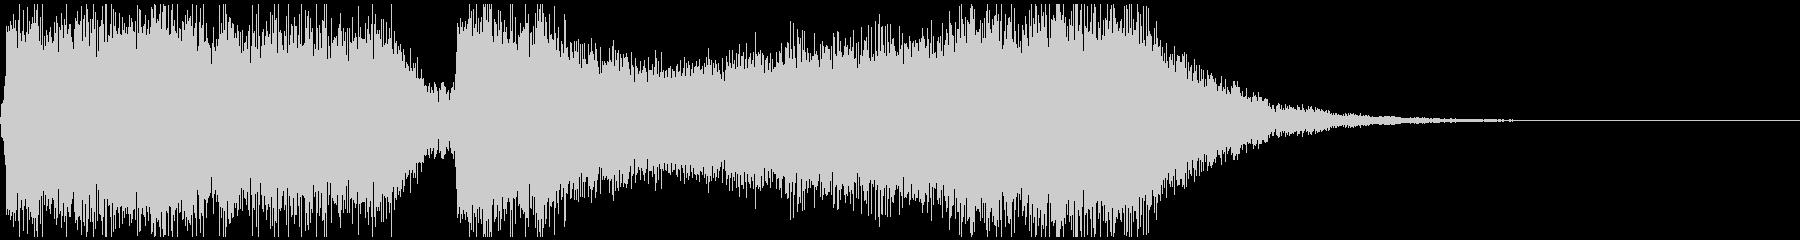 巨大怪獣/戦艦登場シーンの超重厚な曲2の未再生の波形